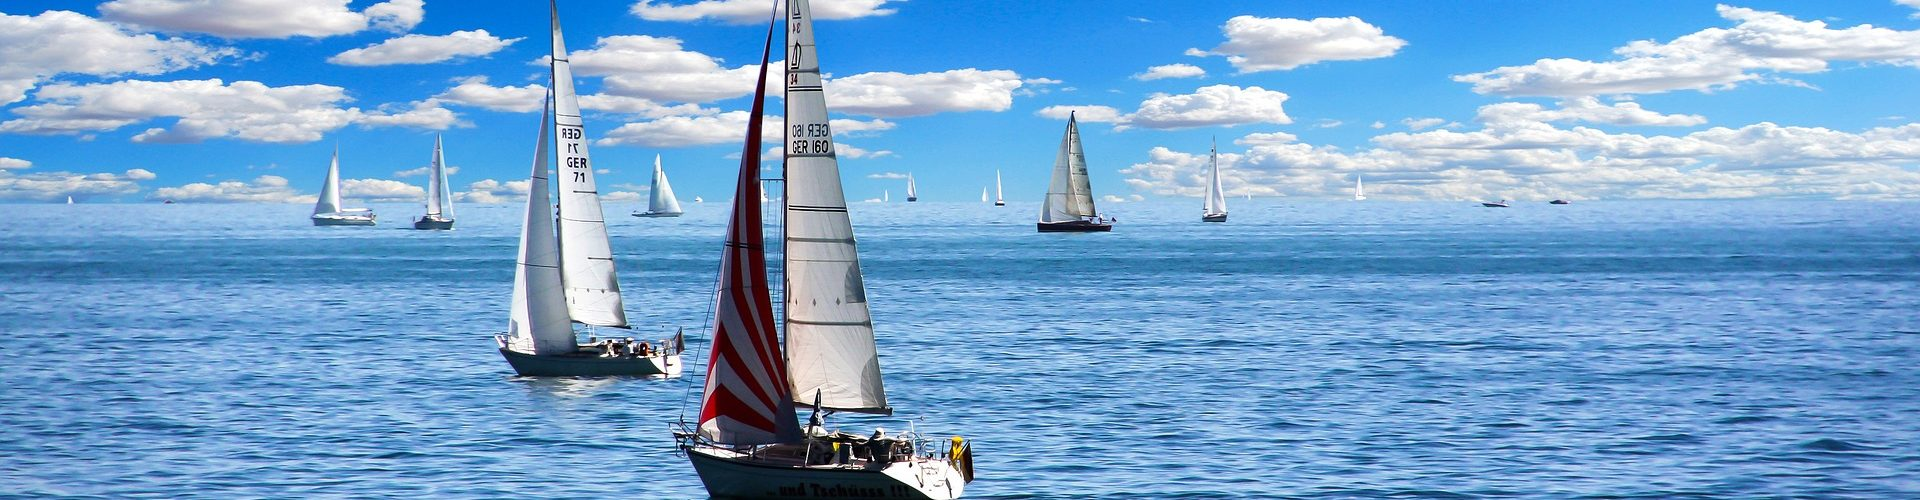 segeln lernen in Ibbenbüren segelschein machen in Ibbenbüren 1920x500 - Segeln lernen in Ibbenbüren